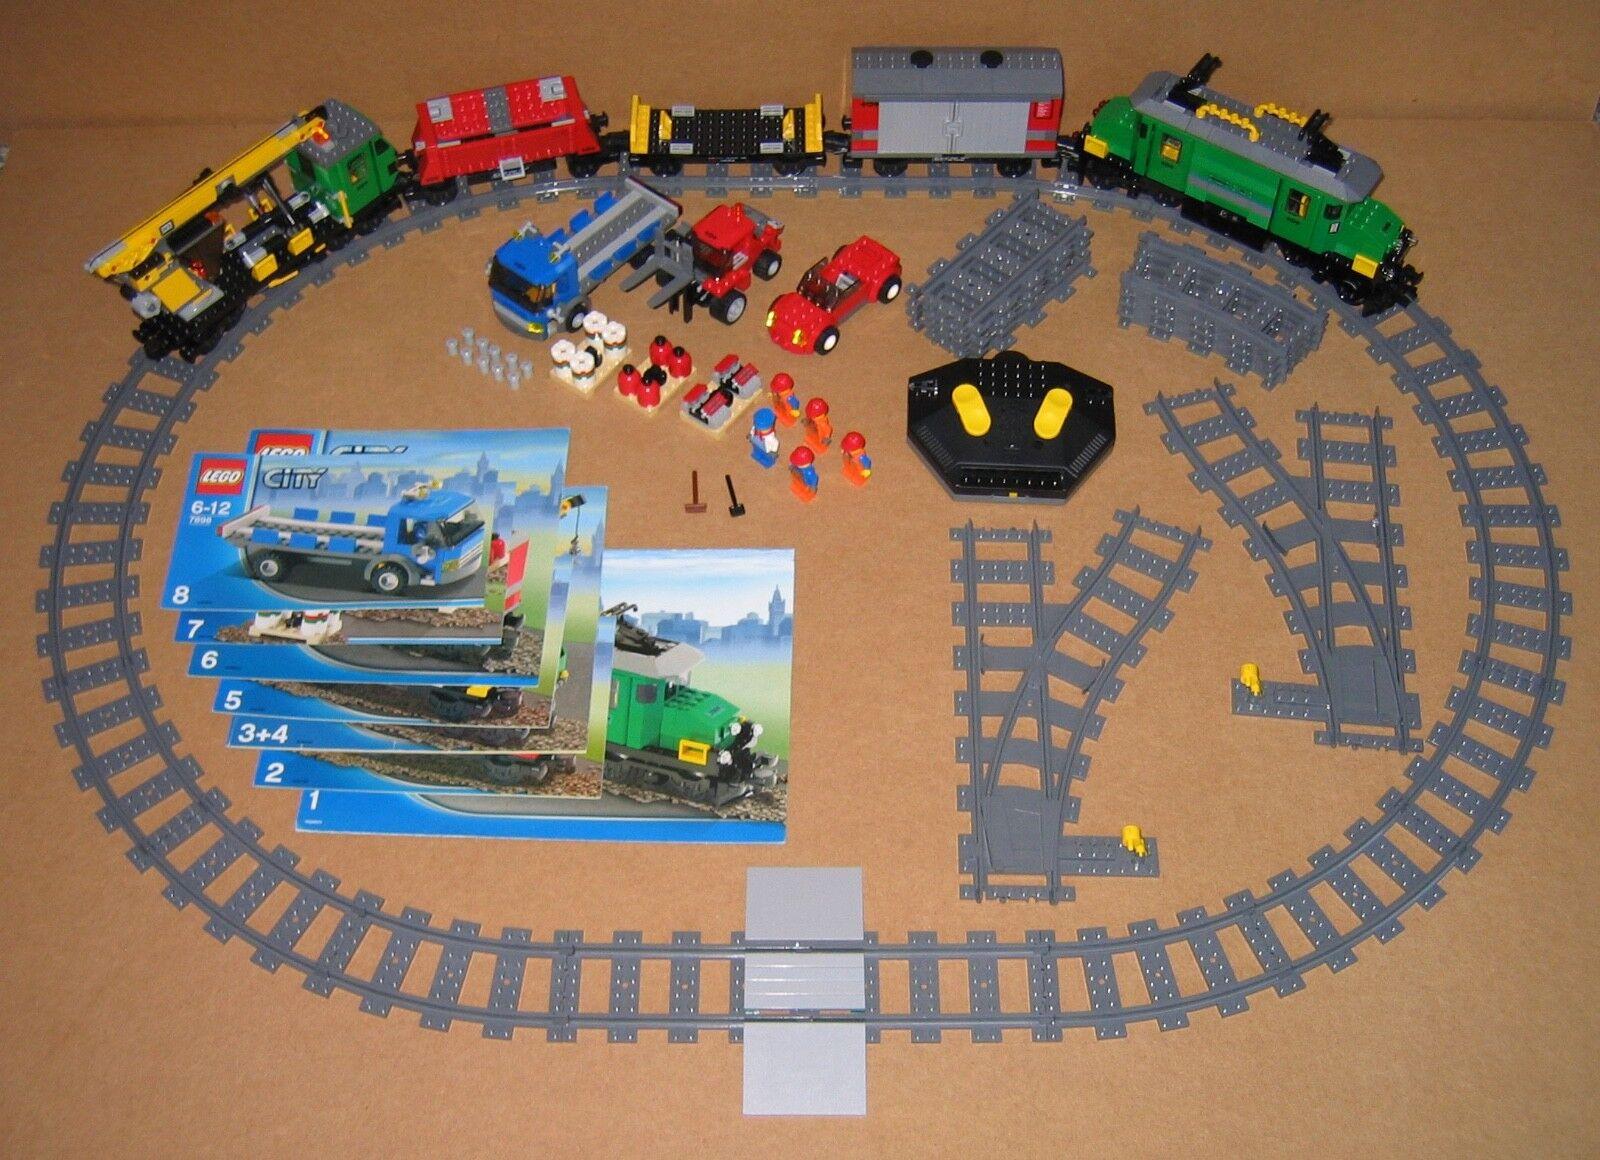 las mejores marcas venden barato Lego 7898 tren de carga Deluxe - 100% completo piezas piezas piezas con instrucciones Excelente Estado 2018  Mercancía de alta calidad y servicio conveniente y honesto.